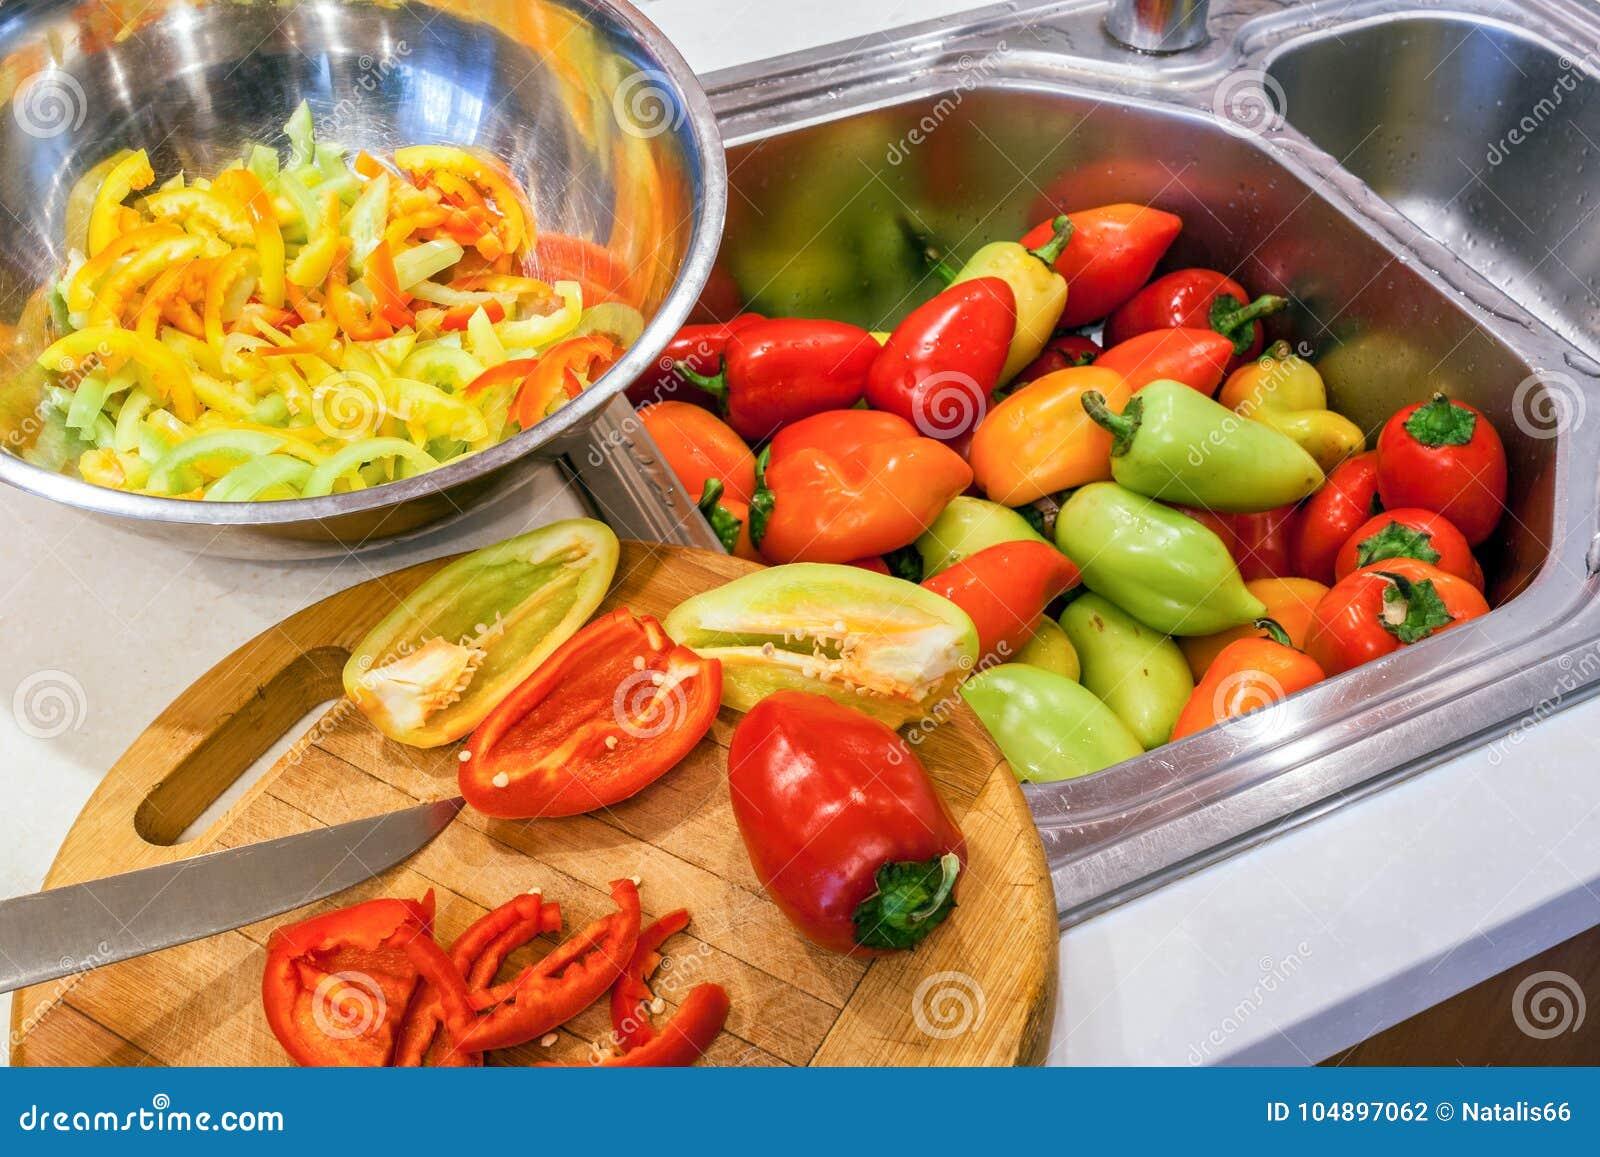 Προμήθευση φθινοπώρου της συγκομιδής των πιπεριών Ολόκληρος, διχοτομημένος και τεμαχισμένος στις κατά μήκος φέτες τα πιπέρια